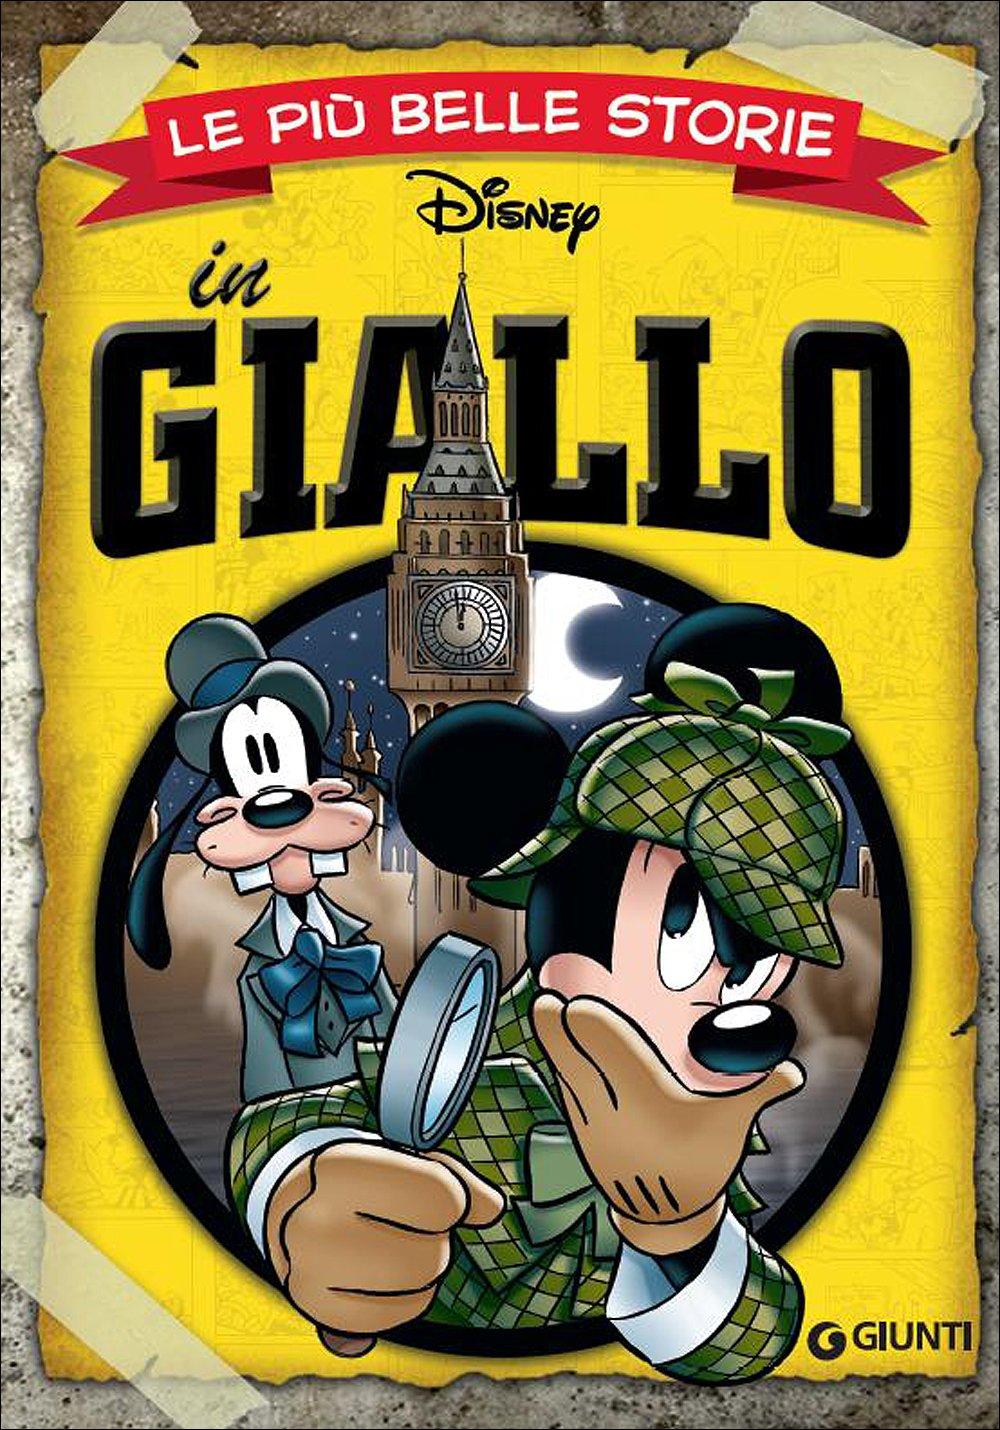 Le più belle storie Disney - Vol. 8